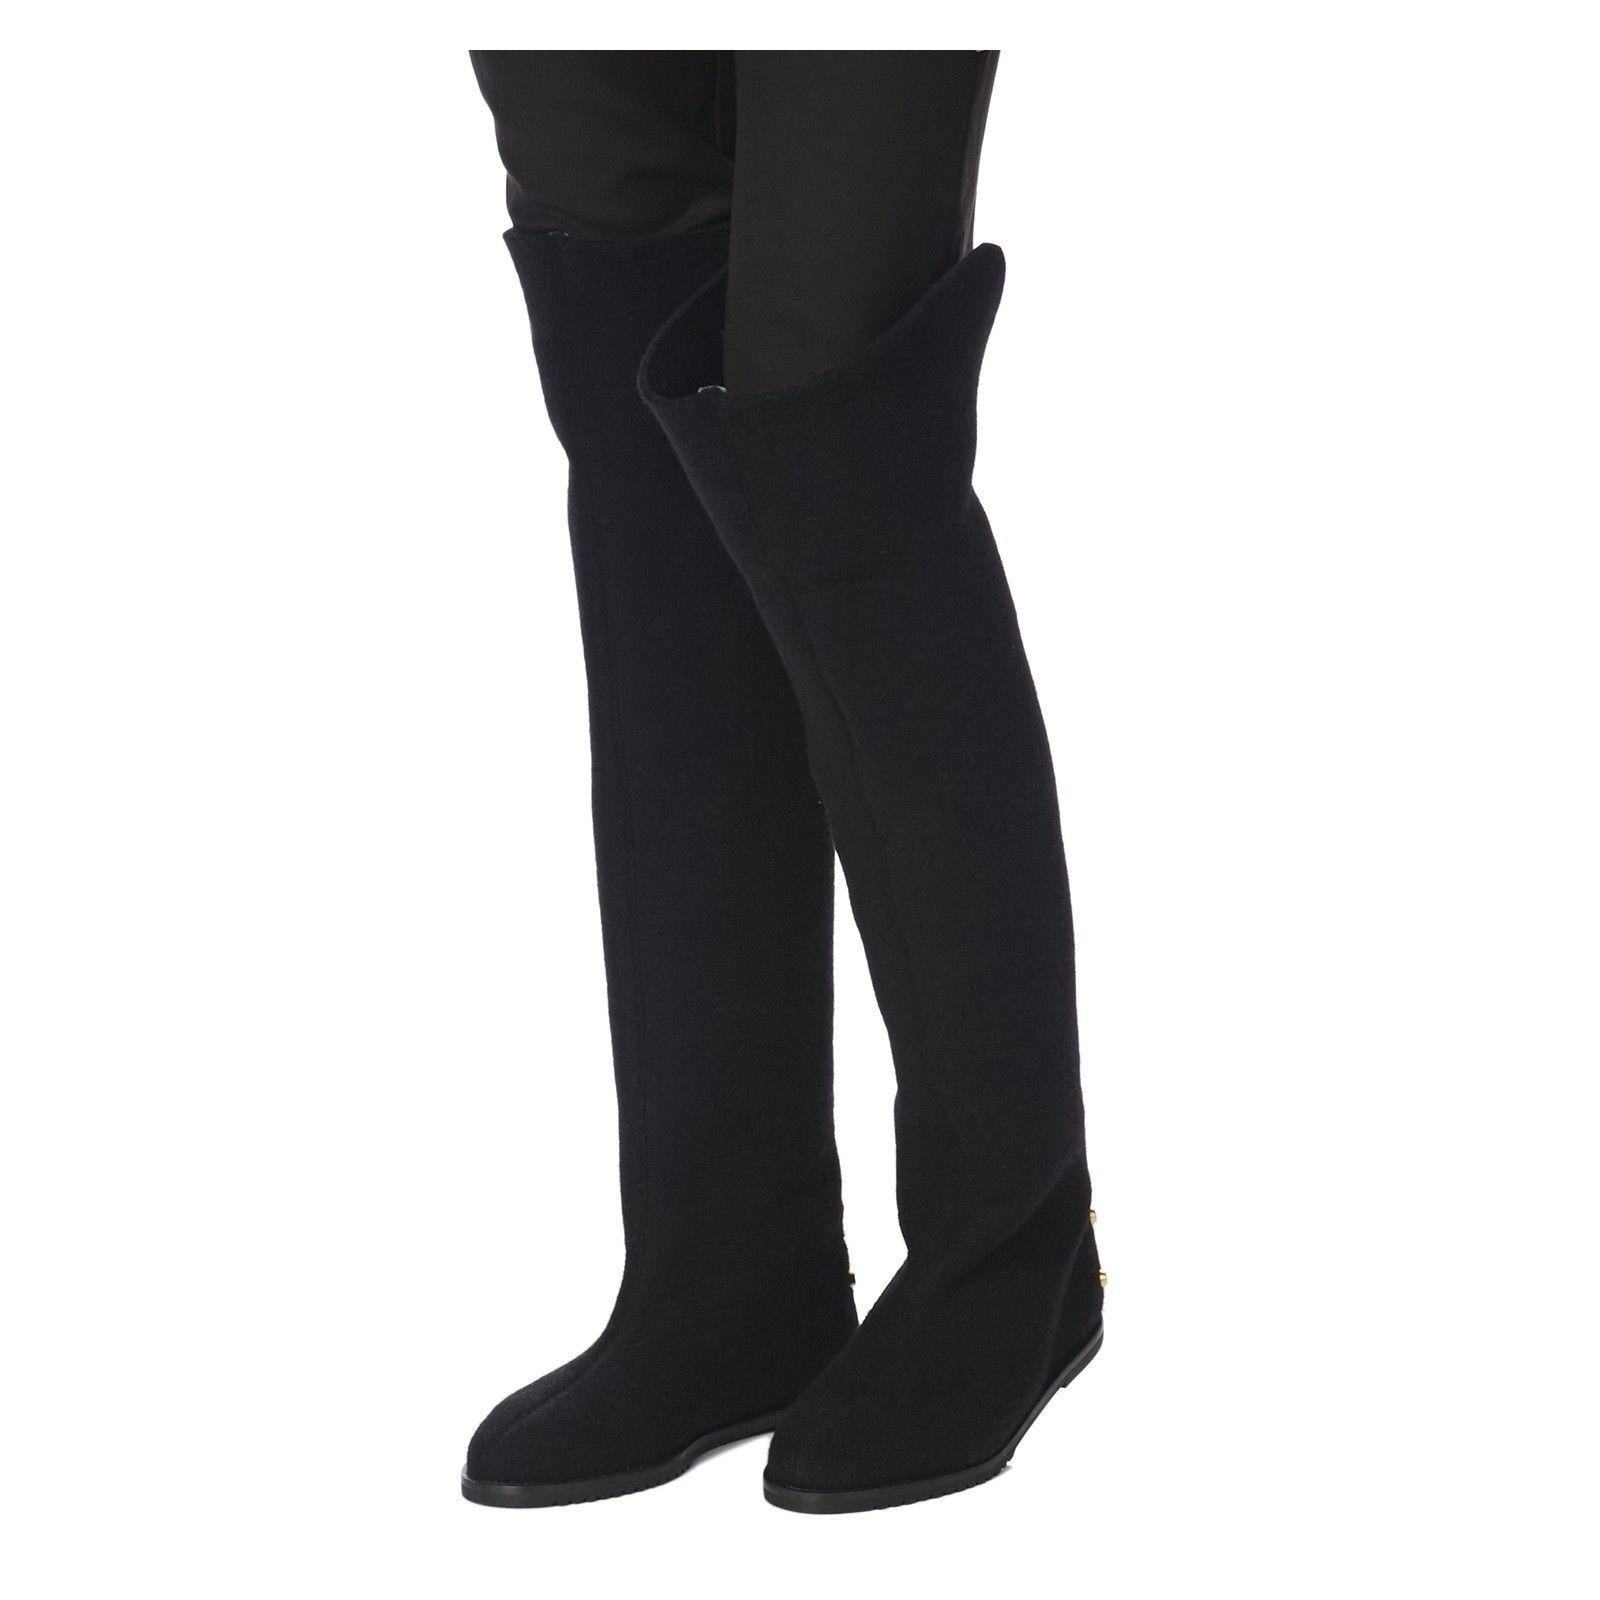 Gala Felt Long Black boots Judari Felt black, flat boots. Can be ...